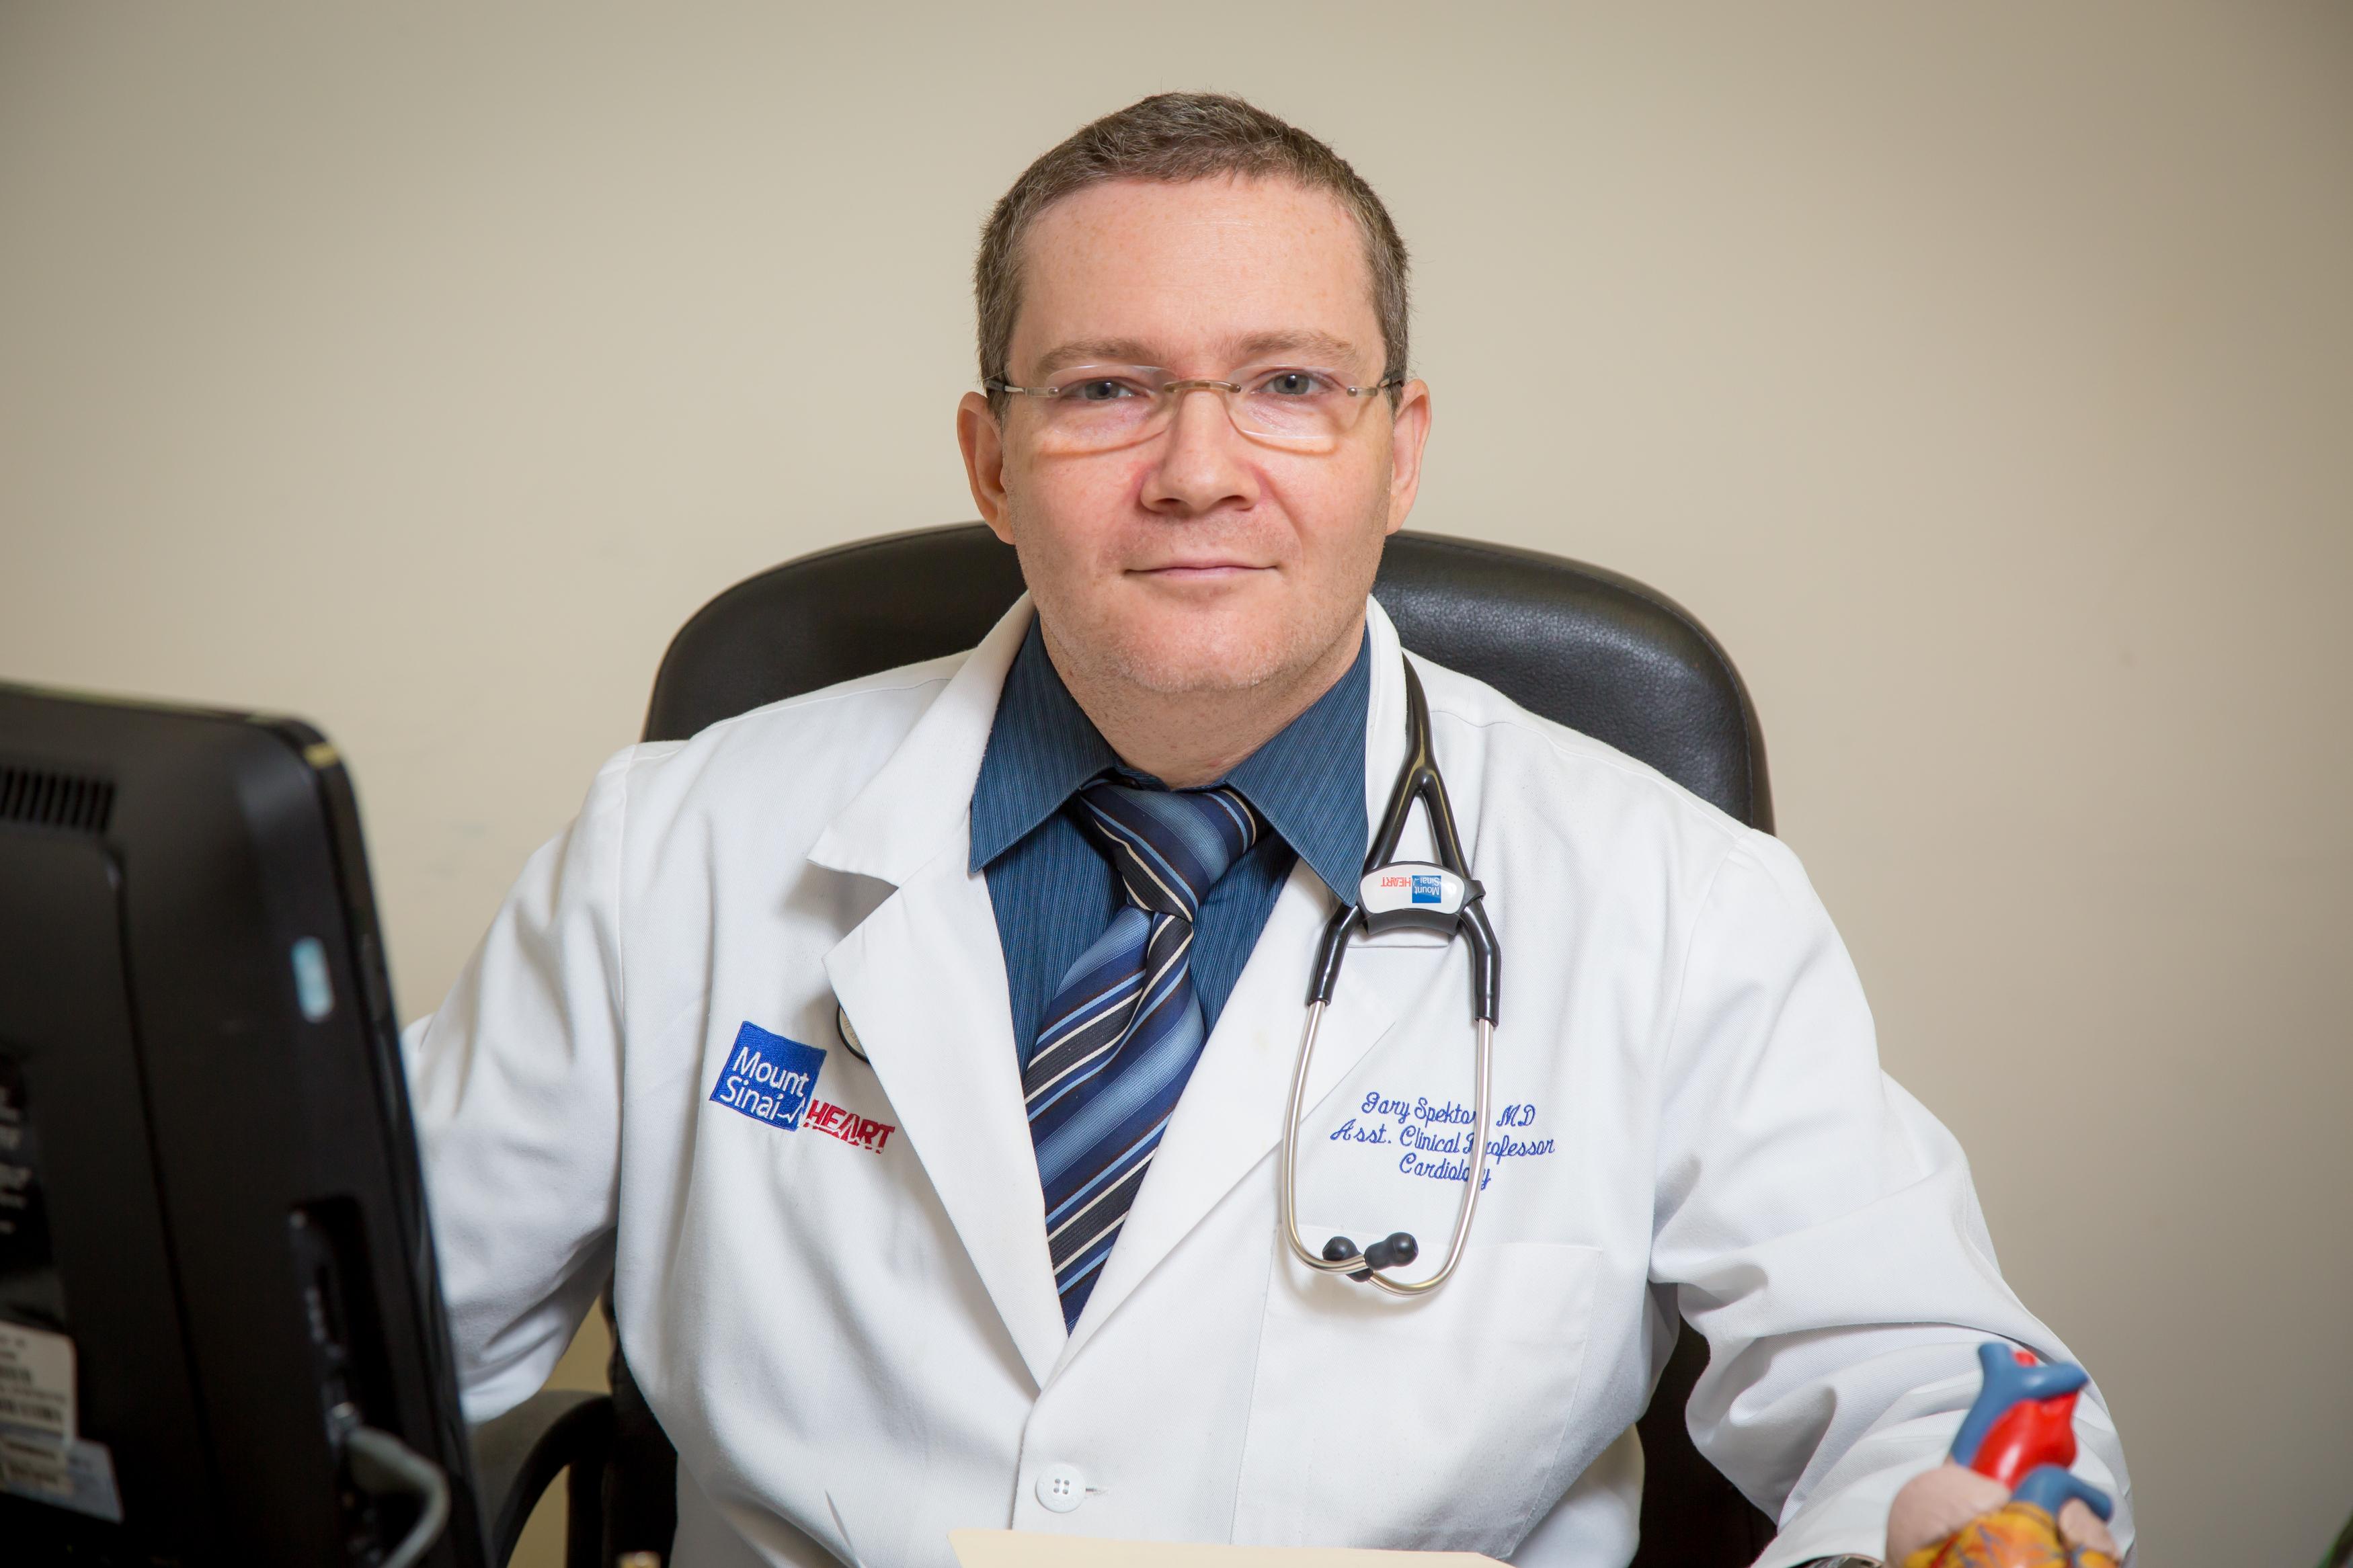 Spektor Medical Foundation: Gary Spektor, MD